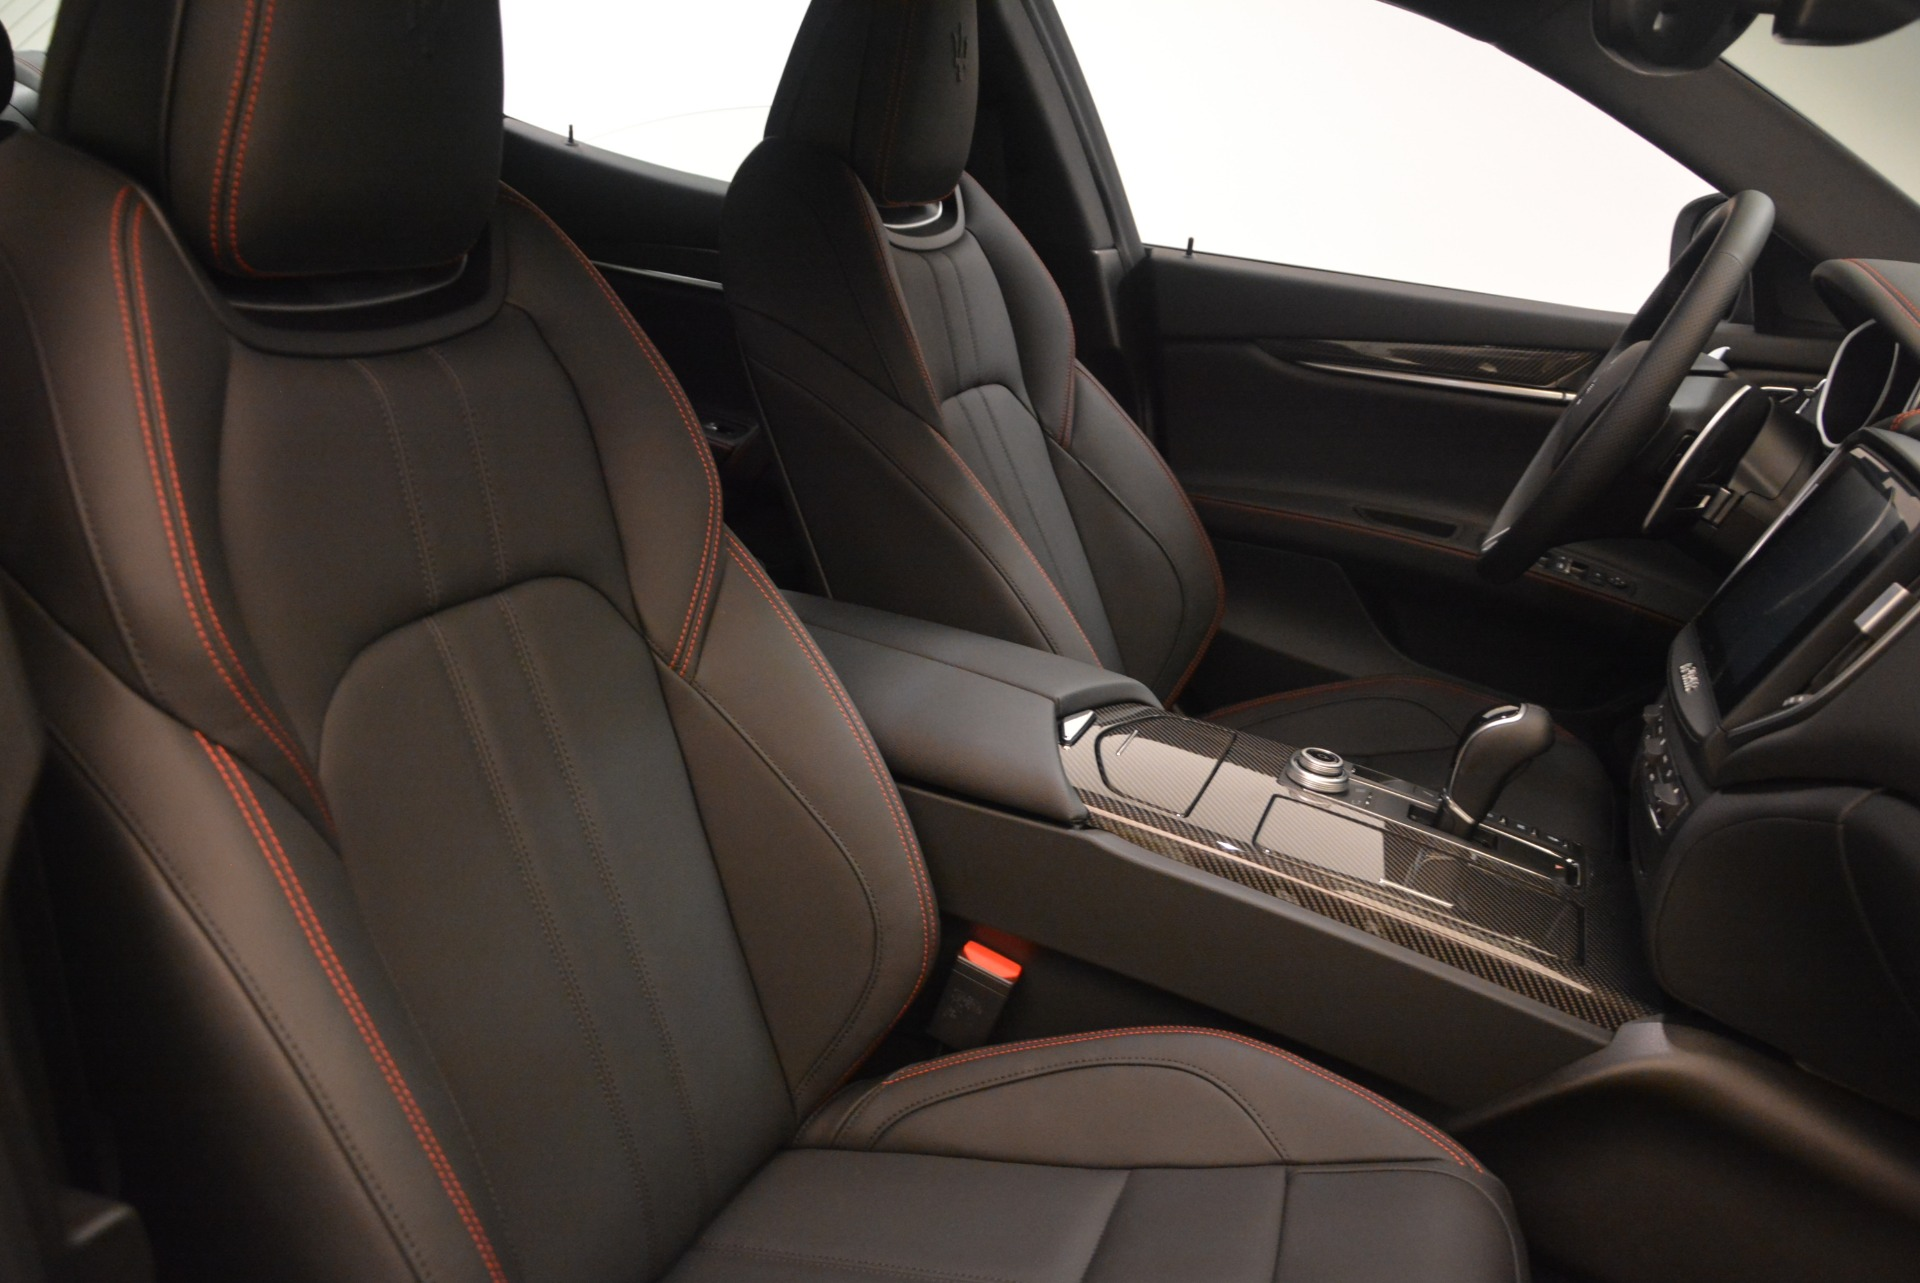 New 2018 Maserati Ghibli SQ4 GranSport Nerissimo For Sale In Greenwich, CT. Alfa Romeo of Greenwich, M2173 2368_p18